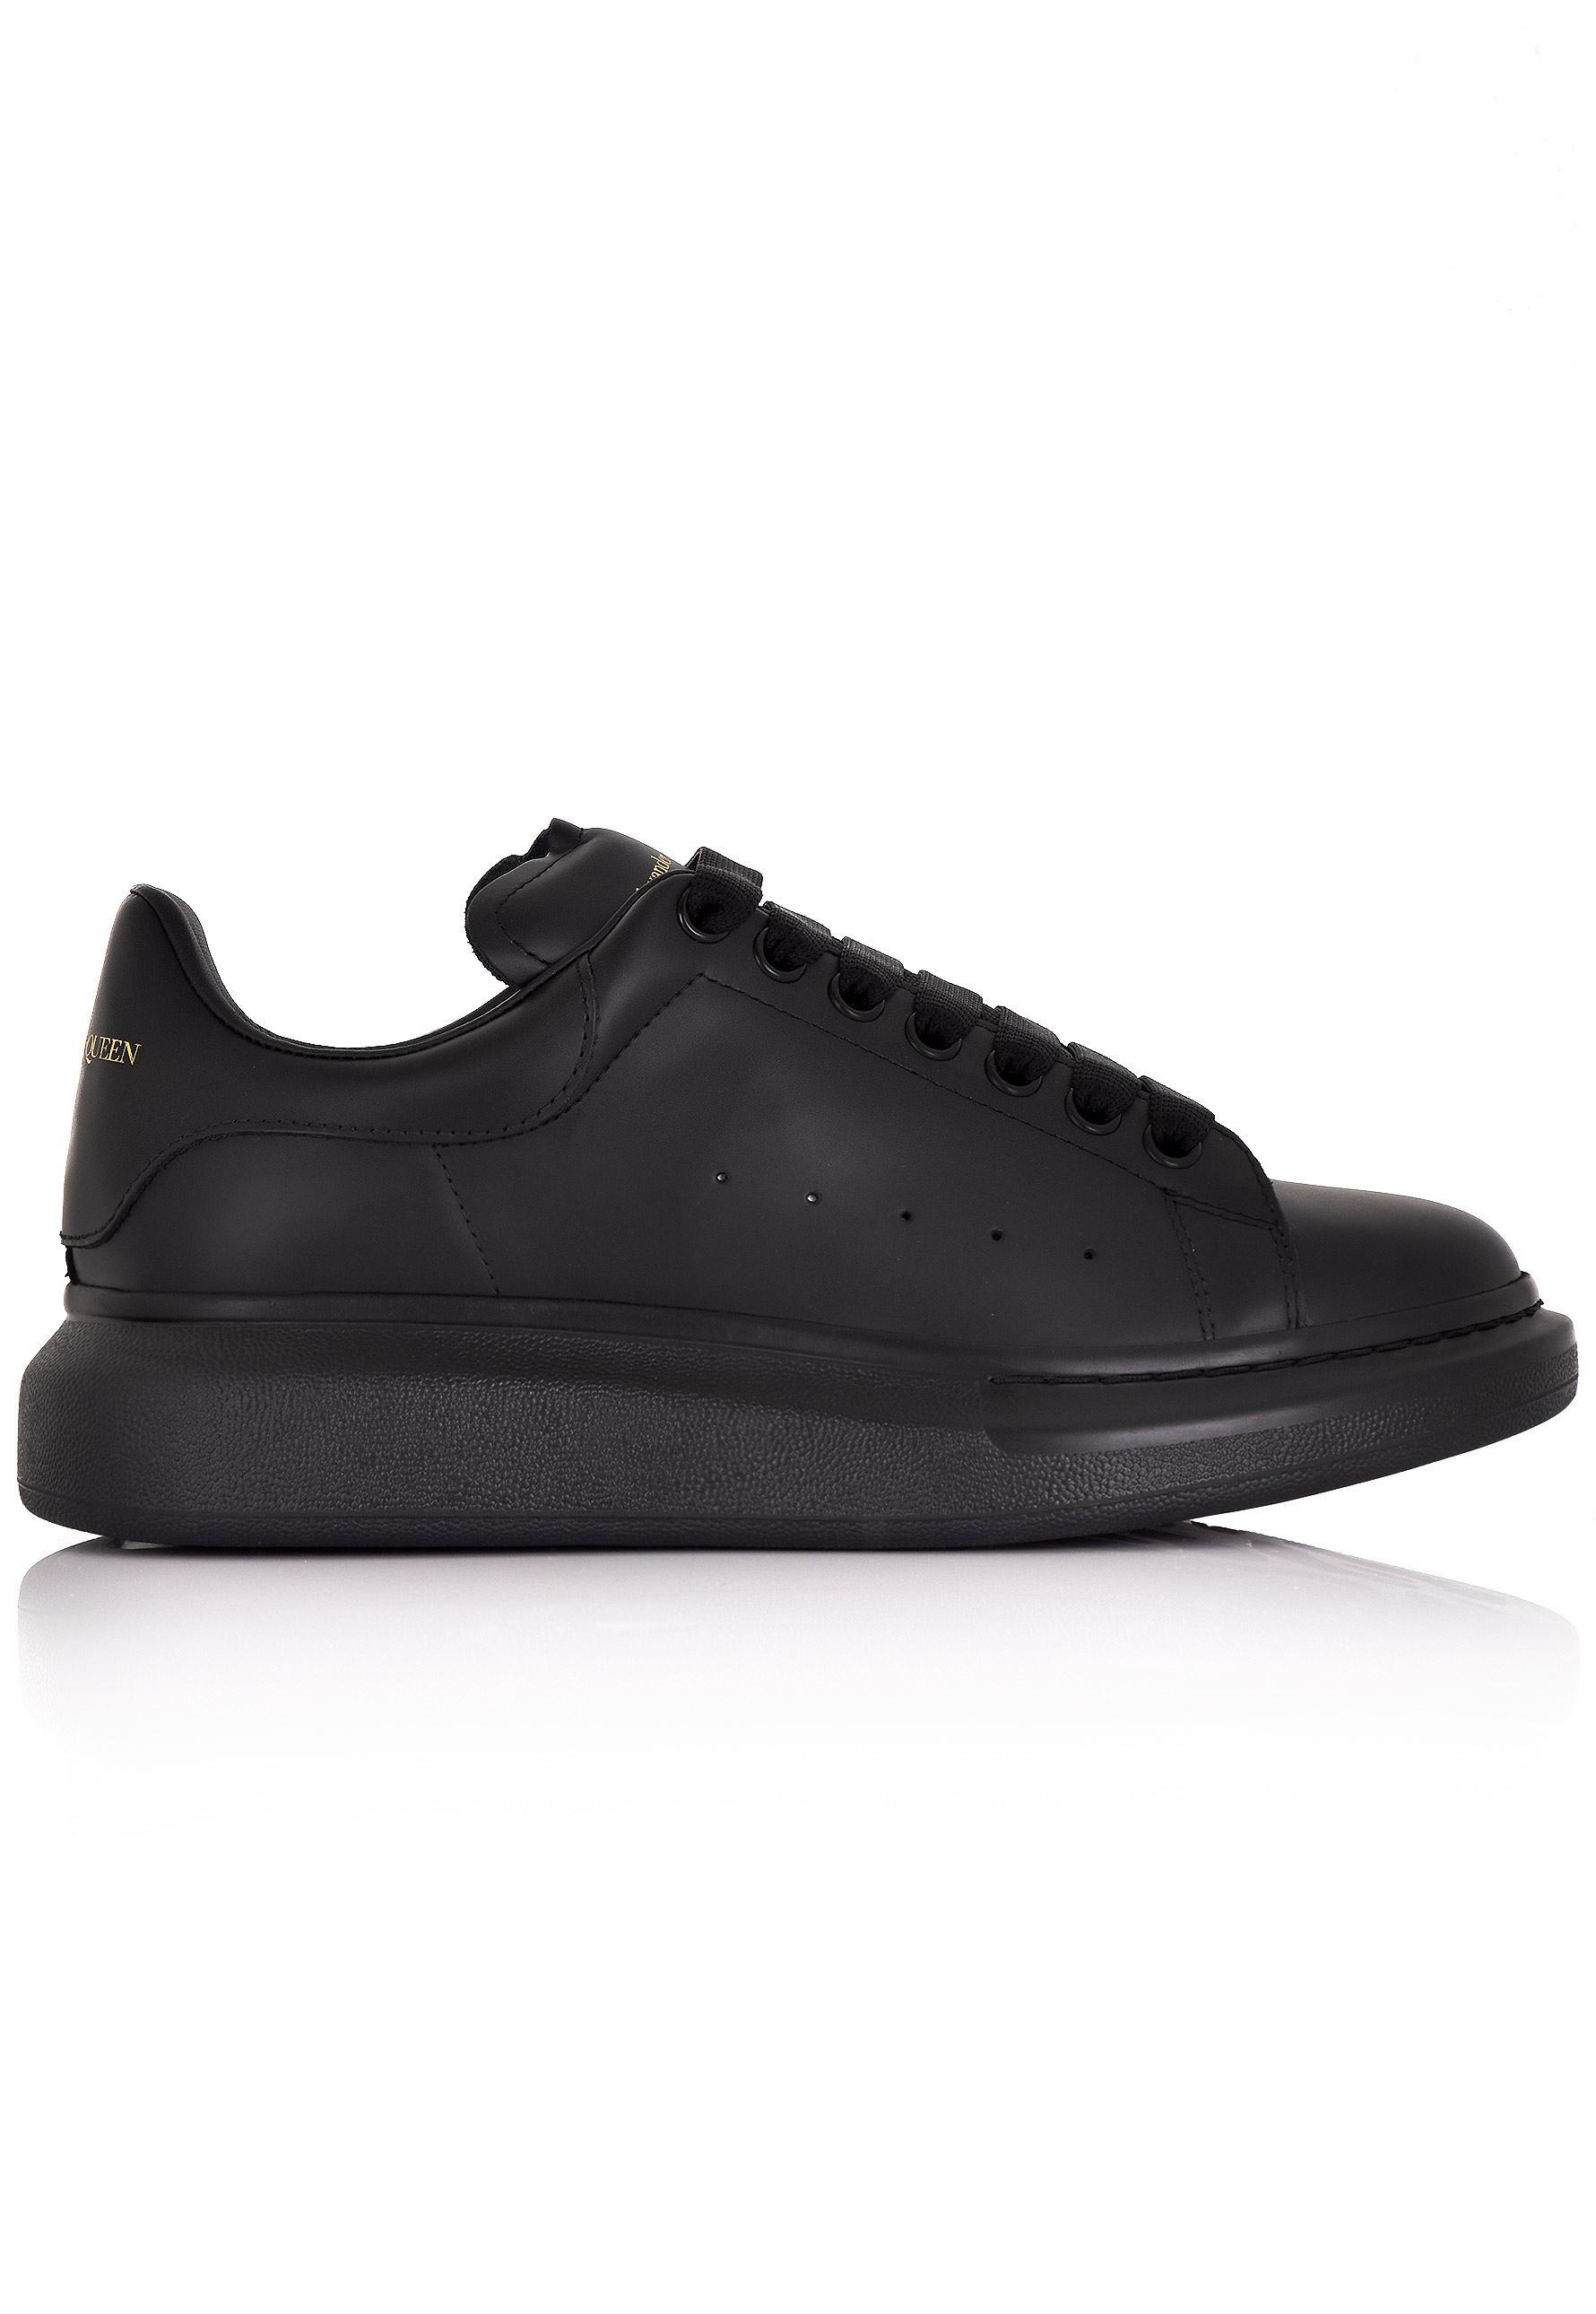 40e017b8bb0d96 Lyst - Alexander McQueen Men s Oversized Sneakers Triple Black in ...